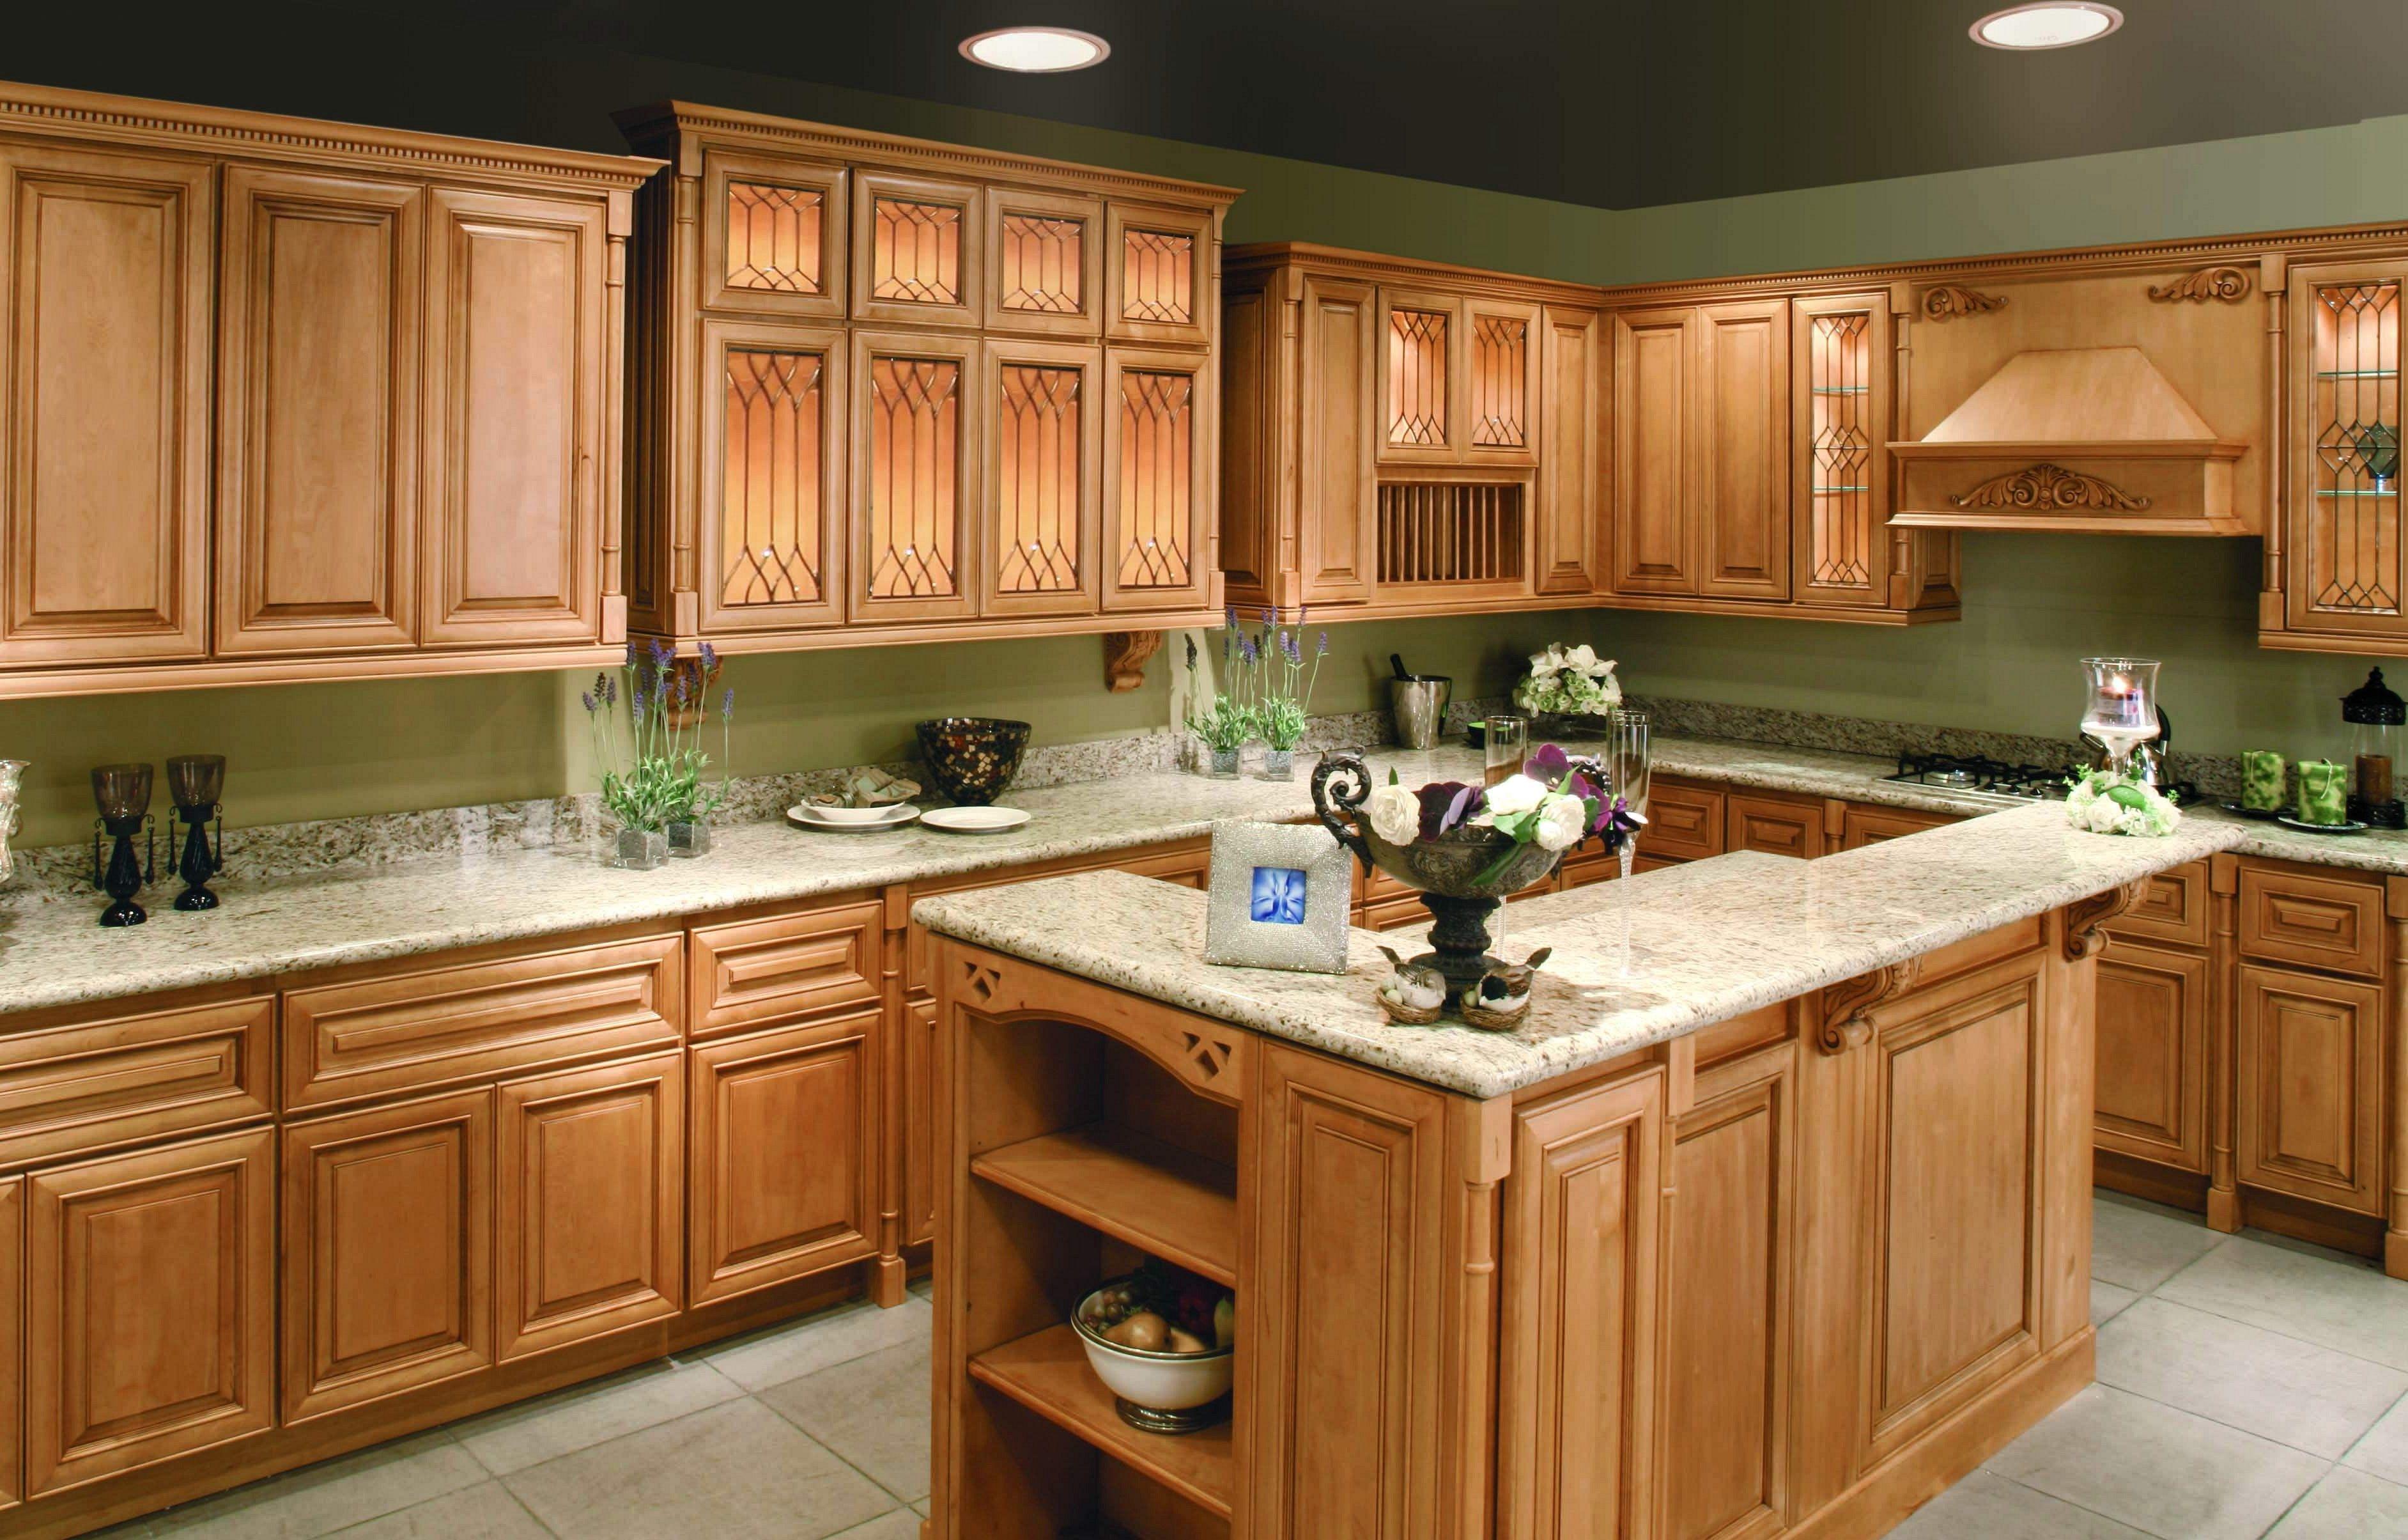 Image result for best granite for honey maple cabinets ... on Best Granite Color For Maple Cabinets  id=60364